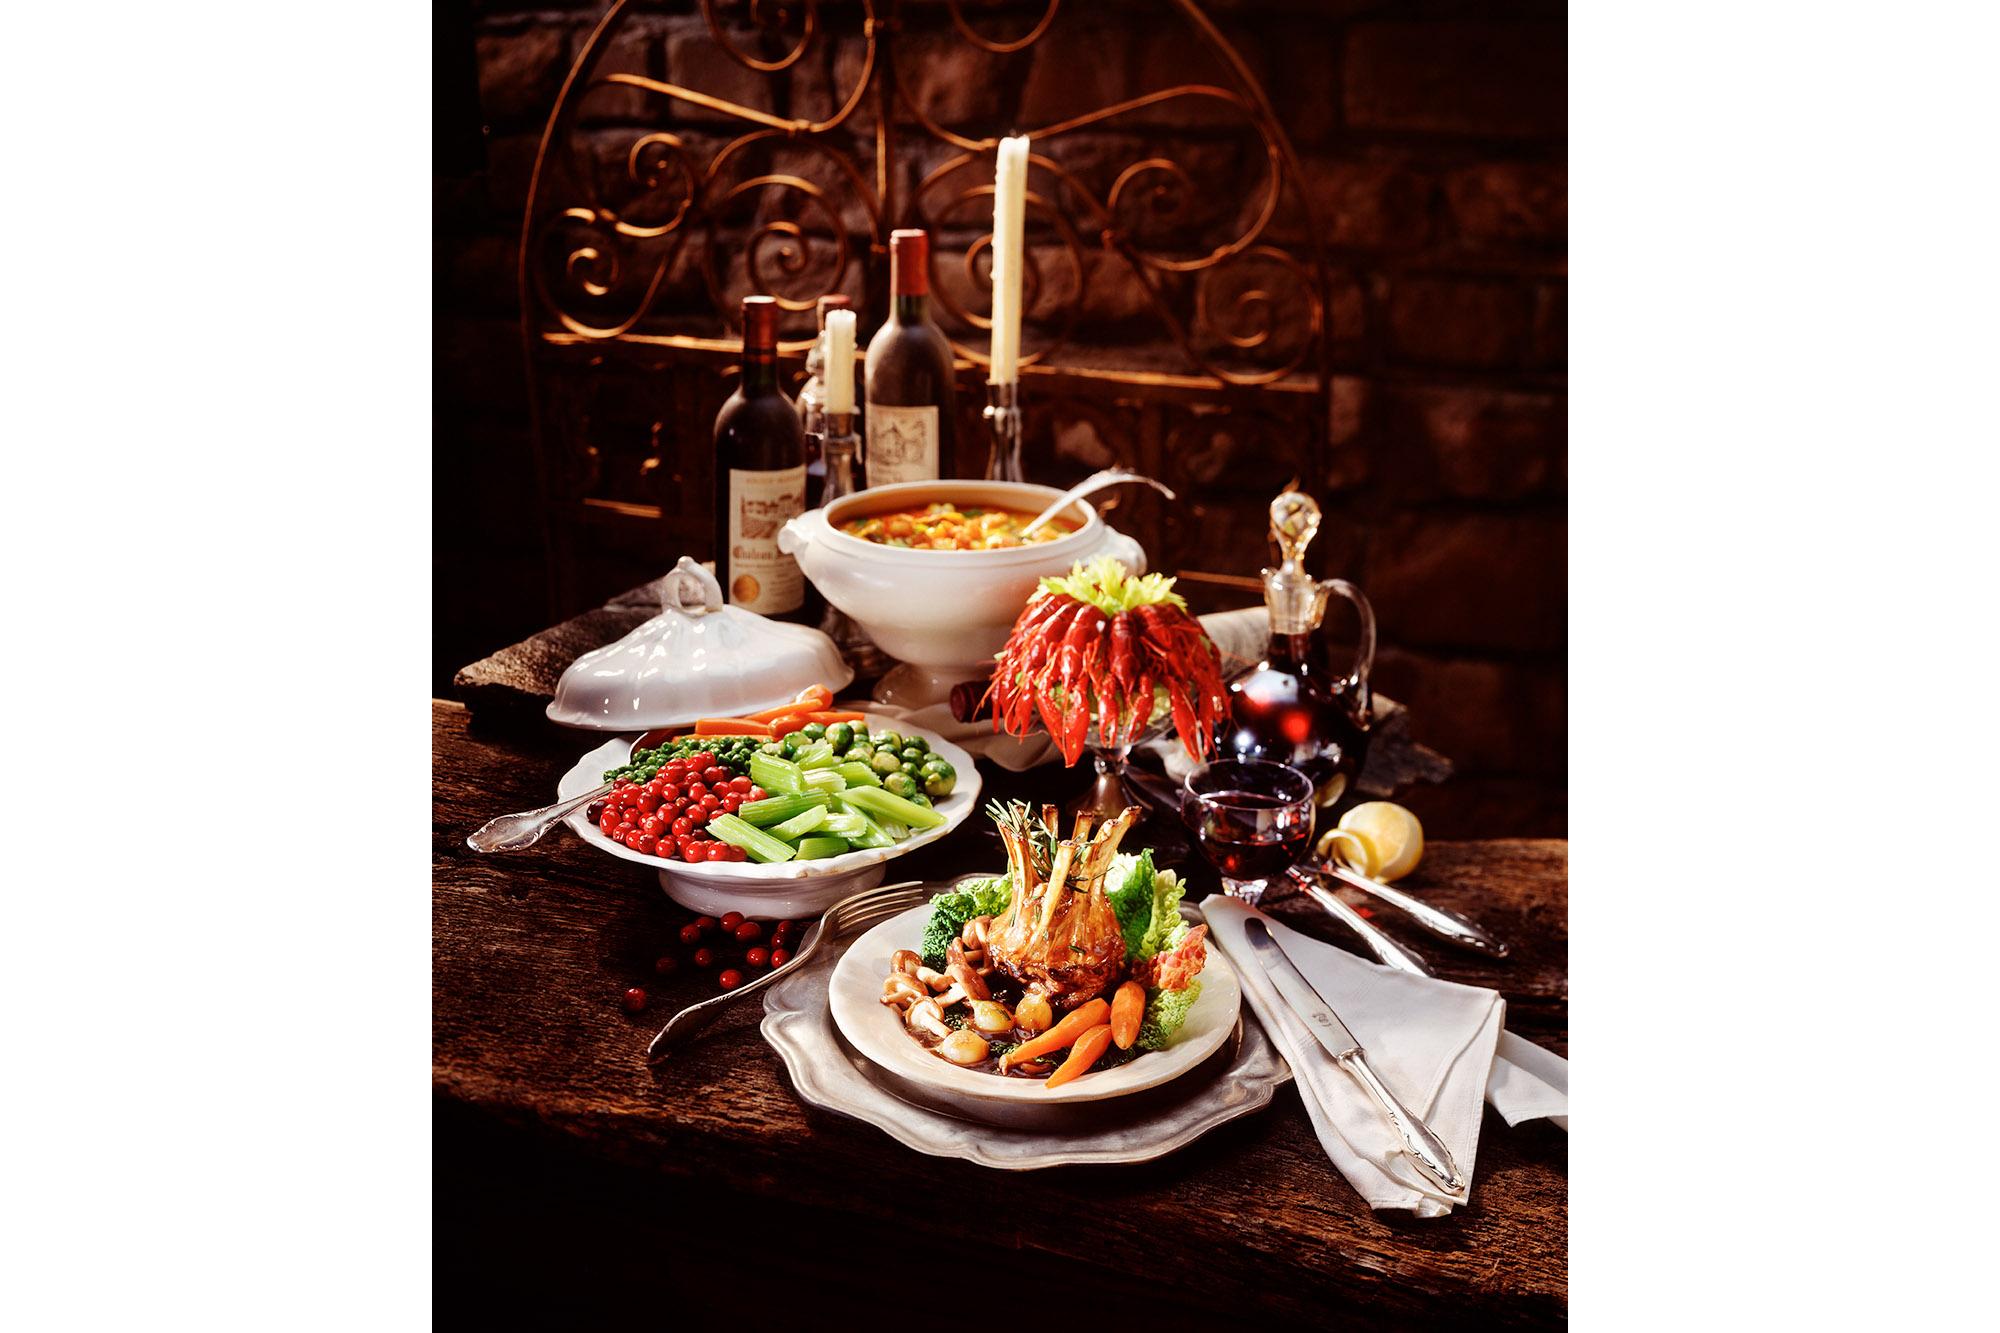 SPUISERS food voedsel stilleven Charles Petit Ueli Rohrer